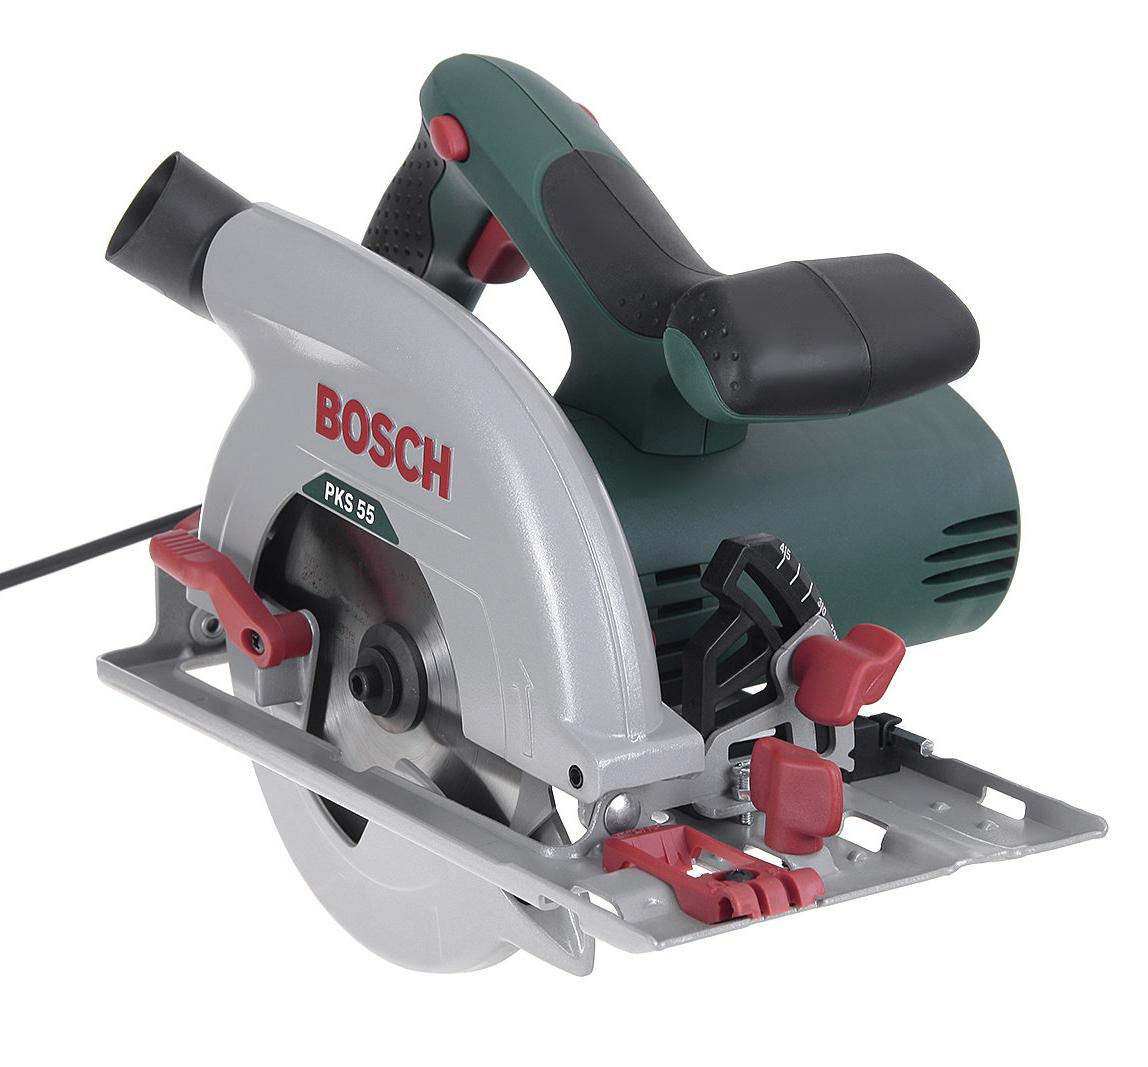 Циркулярная (дисковая) пила Bosch Pks 55 (0.603.500.020) пила дисковая аккумуляторная bosch pks 18 li 0 603 3b1 300